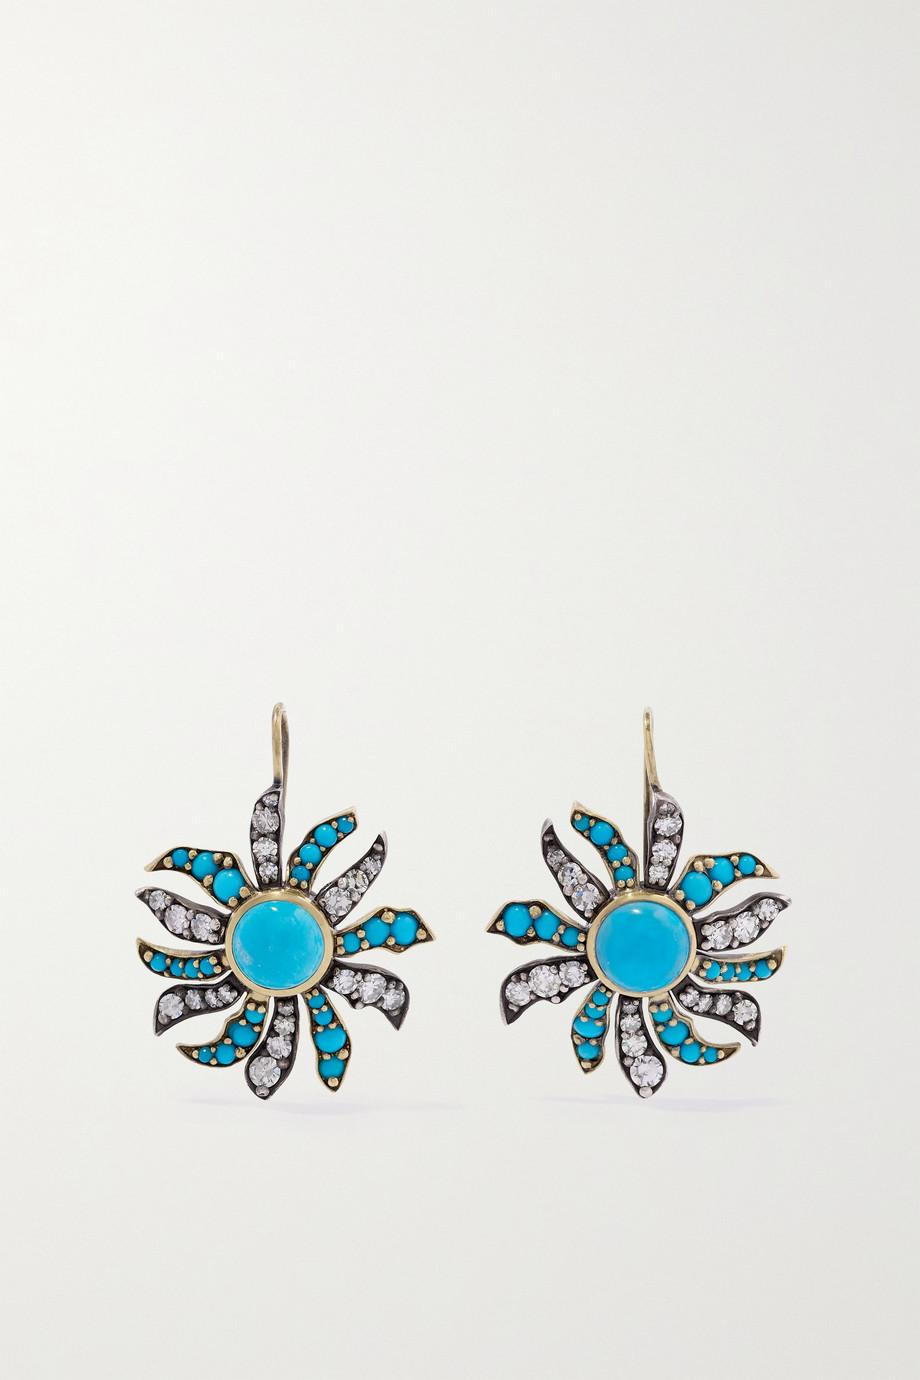 Sylva & Cie Boucles d'oreilles en or 18 carats, argent sterling, turquoises et diamants